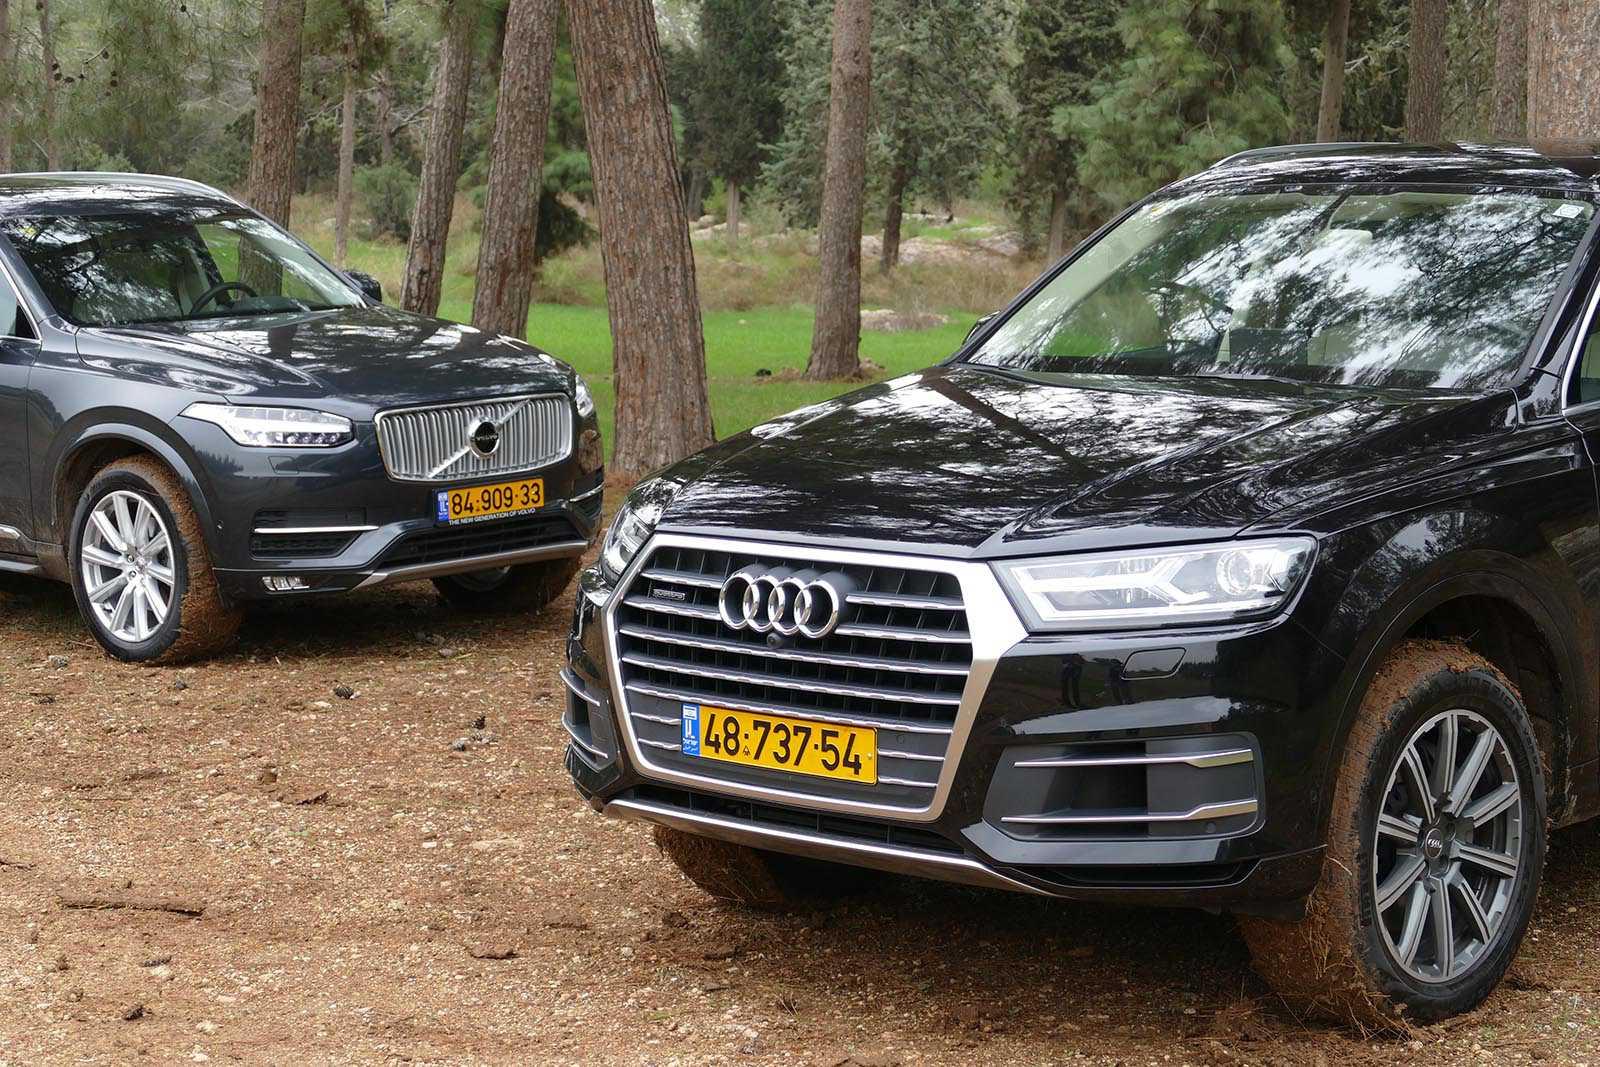 מבחן רכב וולוו XC90 מול אודי Q7. מי יהיה מרובה המושבים-פרימיום העדיף? צילום: ניר בן זקן